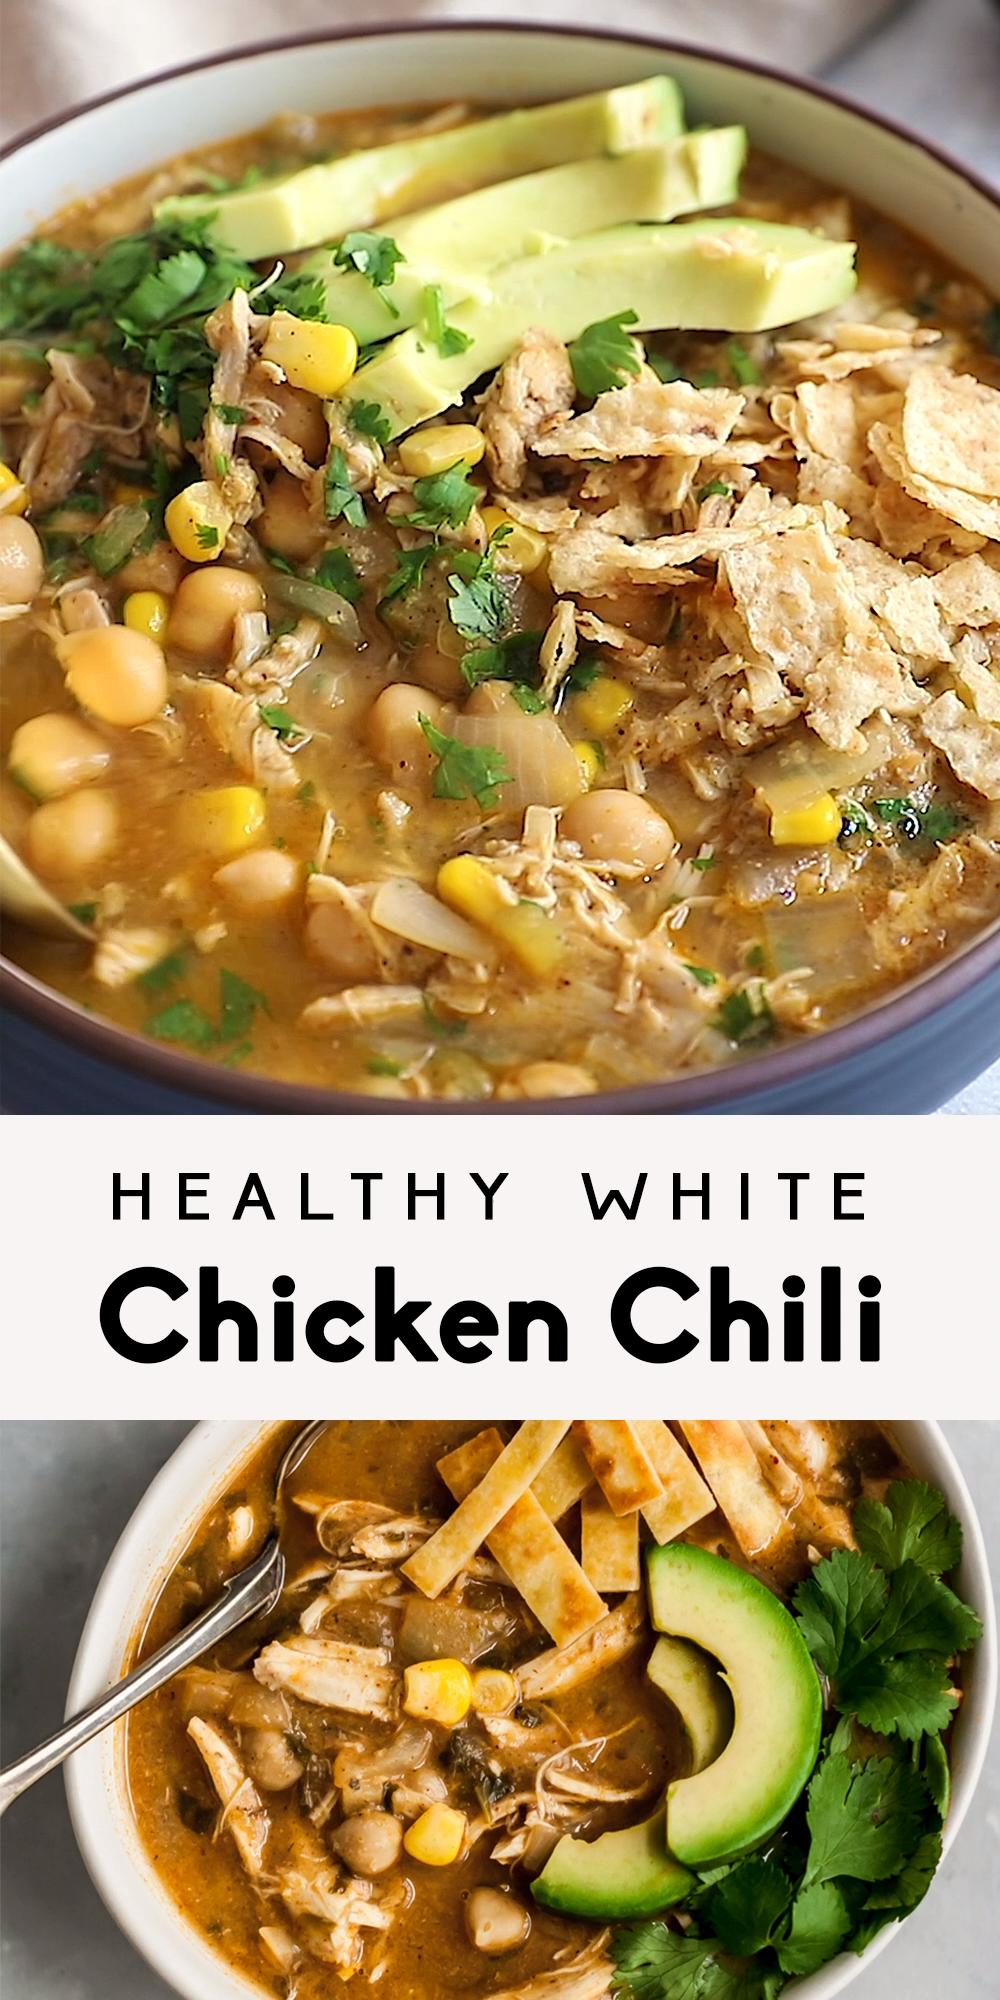 Gesunder weißer Huhn-Paprika - New Ideas #chilirecipe #Gesunder #HuhnPaprika #weißer Healthy White Chicken Chili        Gesundes weißes Hühnchen-Chili, das schön cremig ist, aber es gibt keine Sahne! Gebildet mit grünem Paprika, Huhn, Mais und gemischten Kichererbsen, um es stark und sahnig zu bilden. Dieses einfache Rezept mit weißem Hühnchen-Chili kann sogar im Slow Cooker zubereitet werden und wird mit Sicherheit zu einem neuen Familienfavoriten. Mit Avocado, Tortillachips und Koriand #recipeforpiecrust